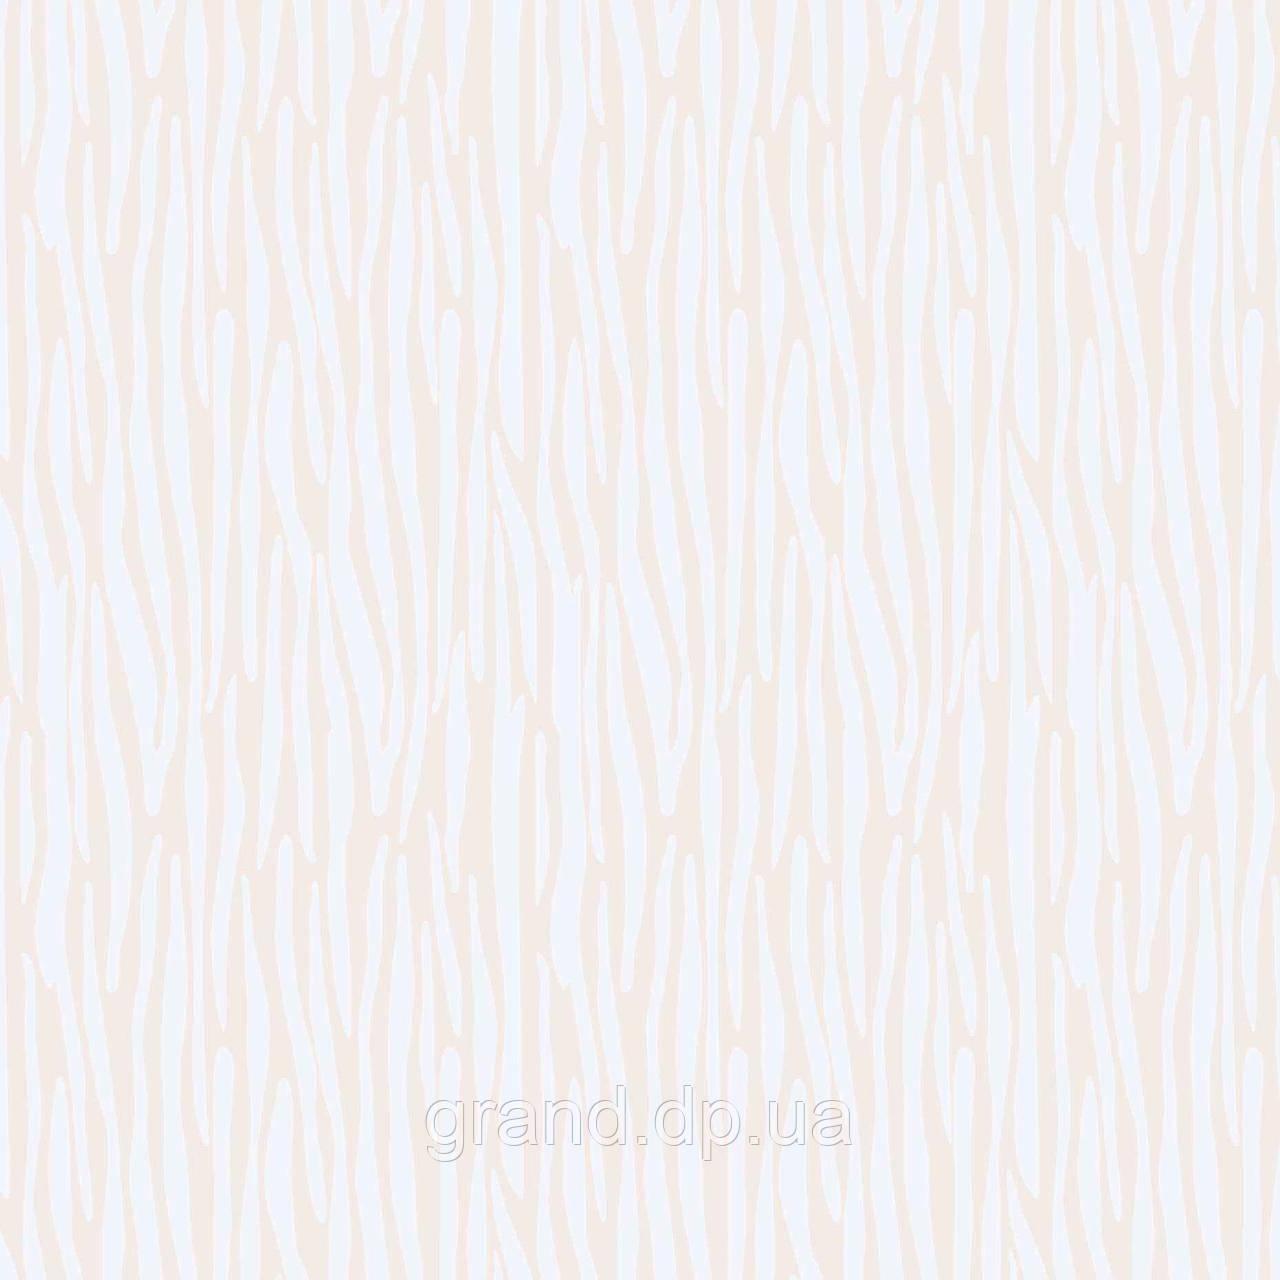 Пластиковые декоративные панели ПВХ Рико(Riko) 250*7*3000мм Зебрано с Термопереводом бесшовные